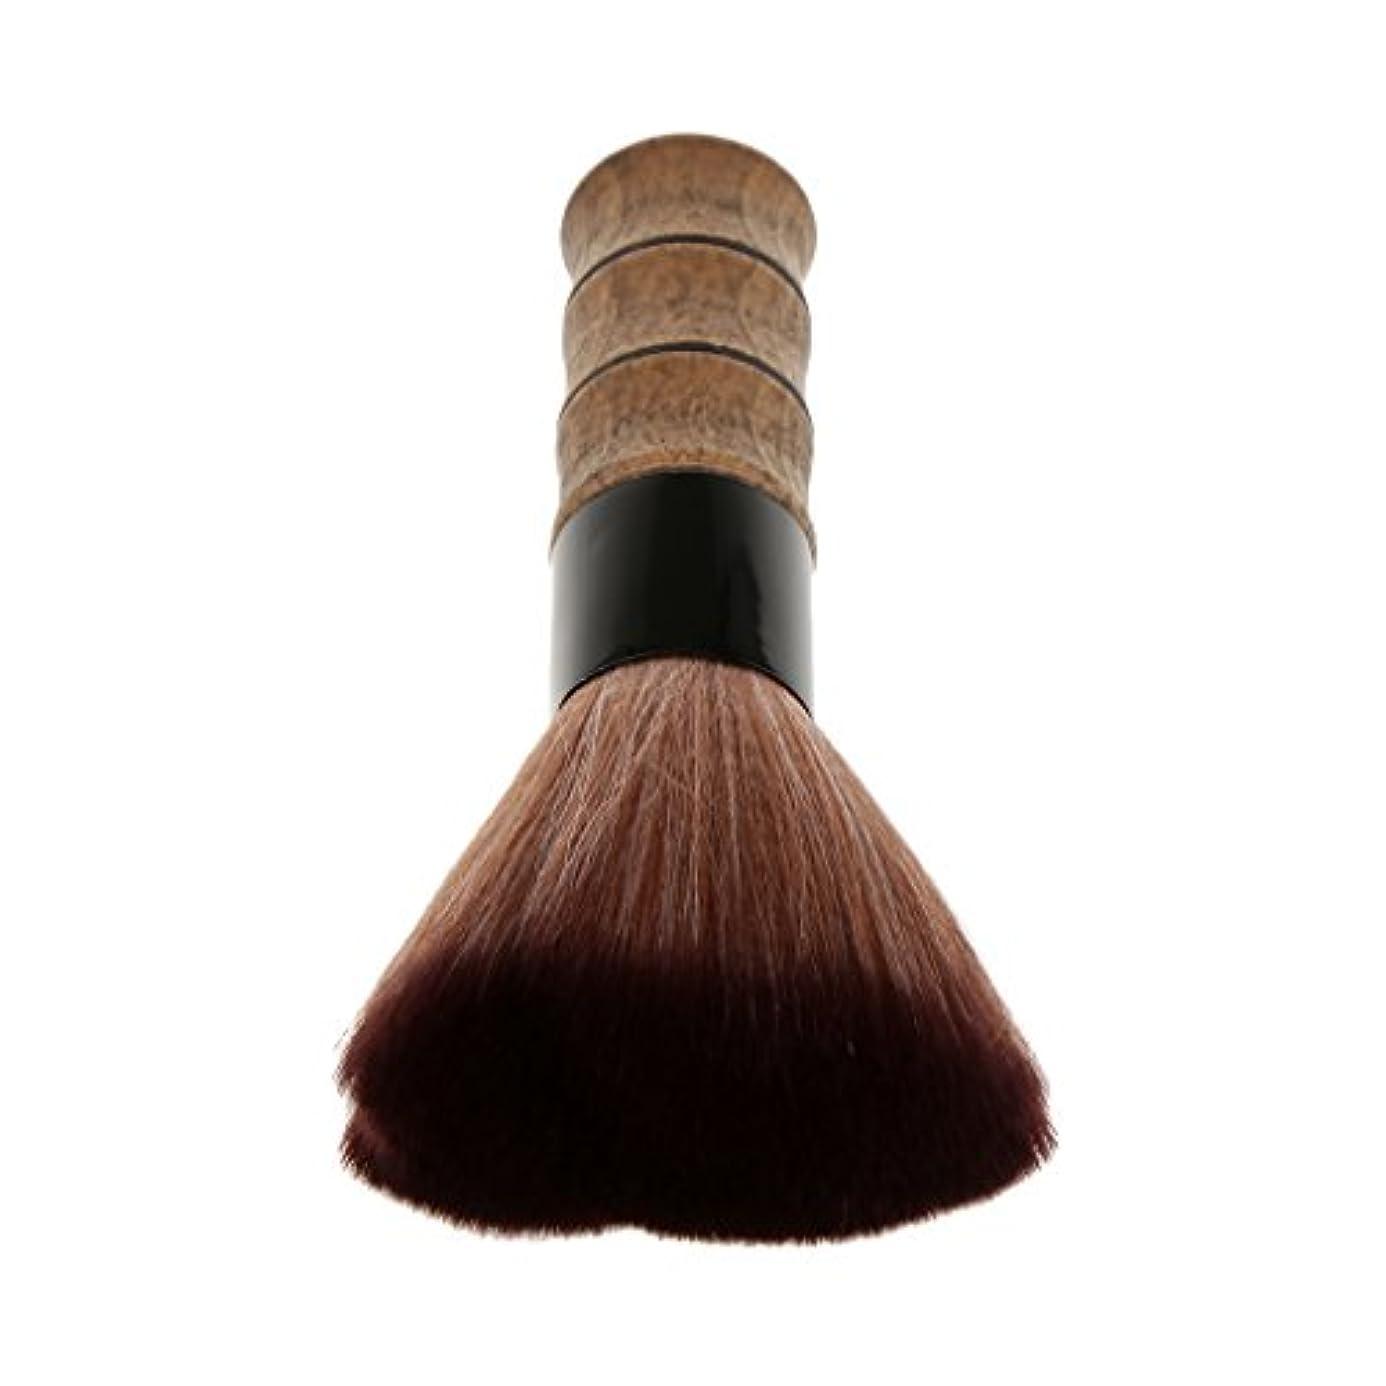 除外する杖部族メイクブラシ シェービングブラシ 超柔らかい 繊維 木製ハンドル 泡立ち 快適 洗顔 プレゼント 2色選べる - 褐色